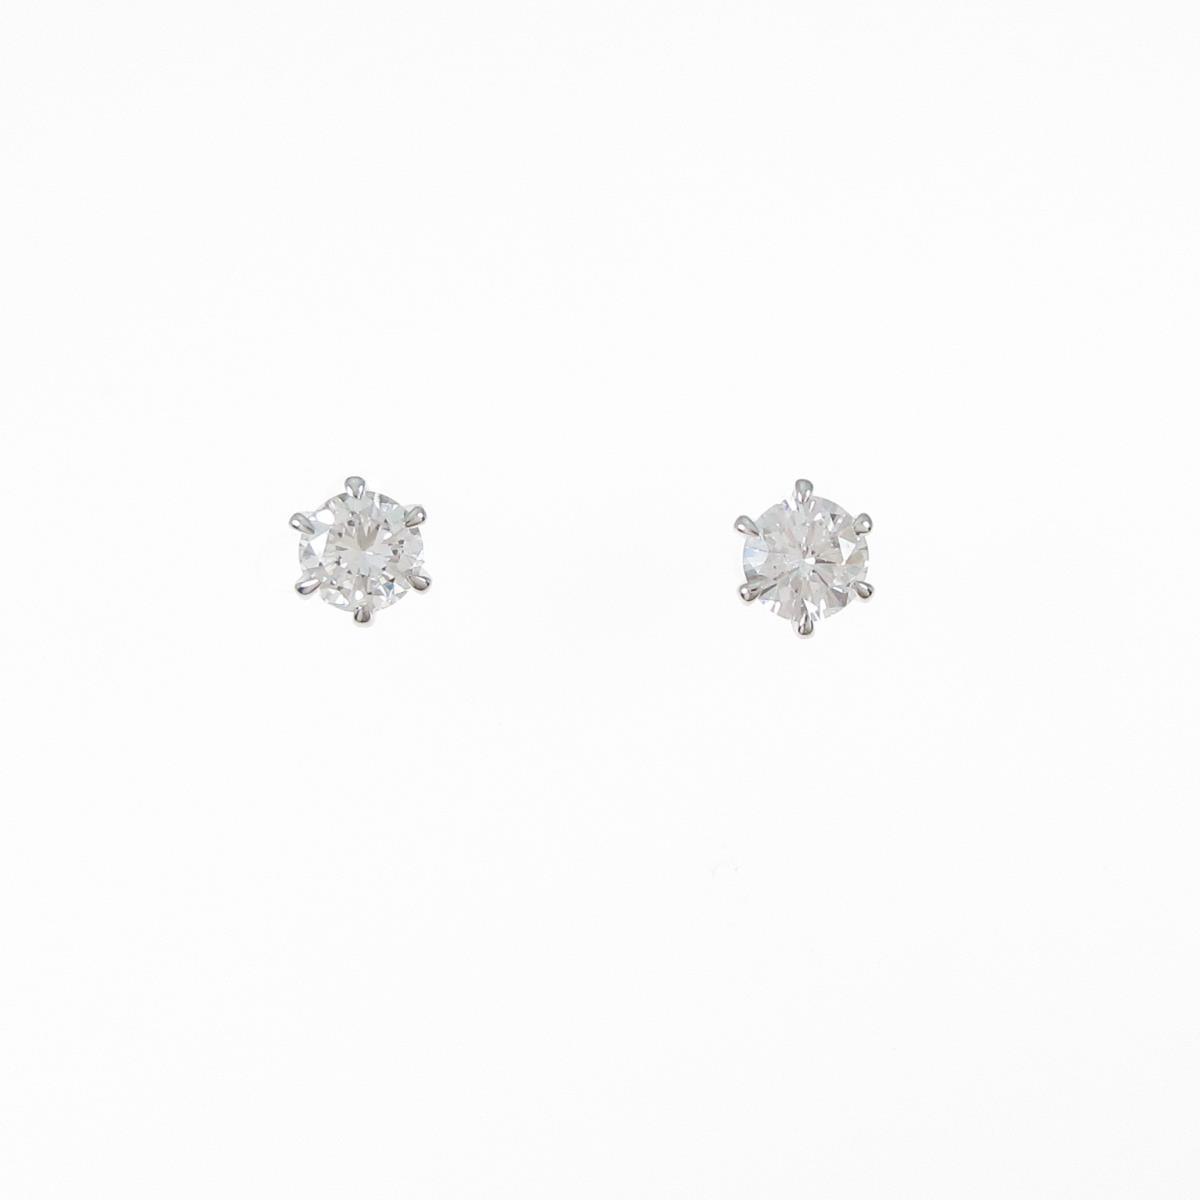 【リメイク】プラチナ/ST ダイヤモンドピアス 0.220ct・0.227ct・E・VVS2・GOOD【中古】